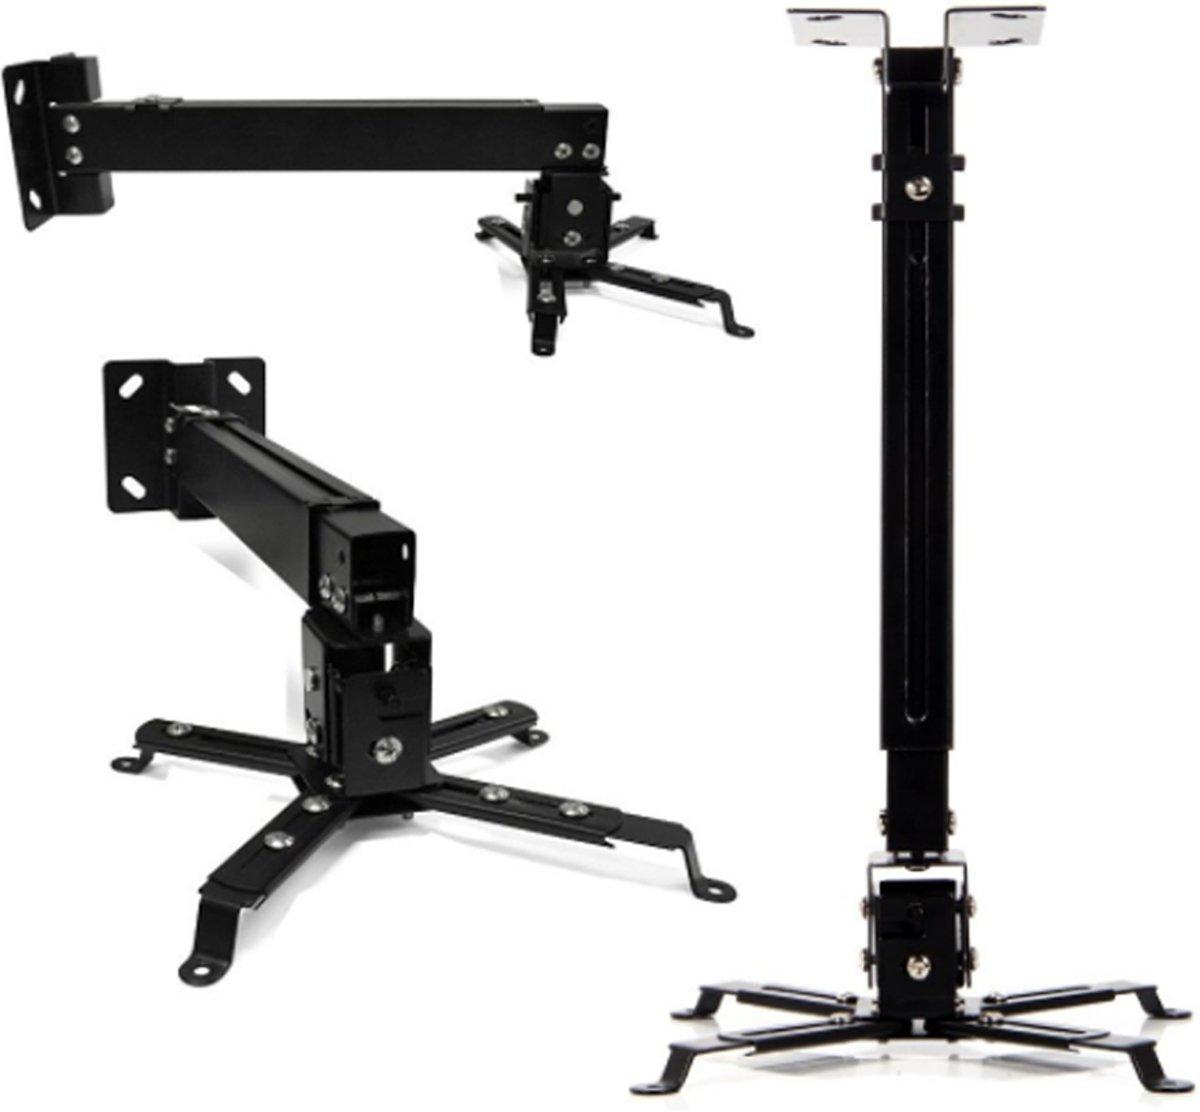 LESHP - in hoogte verstelbare projectorsteun voor plafondmontage voor projectoren met een draagvermogen van 20 kg en een hoogtebereik van 130 mm tot 650 mm kopen